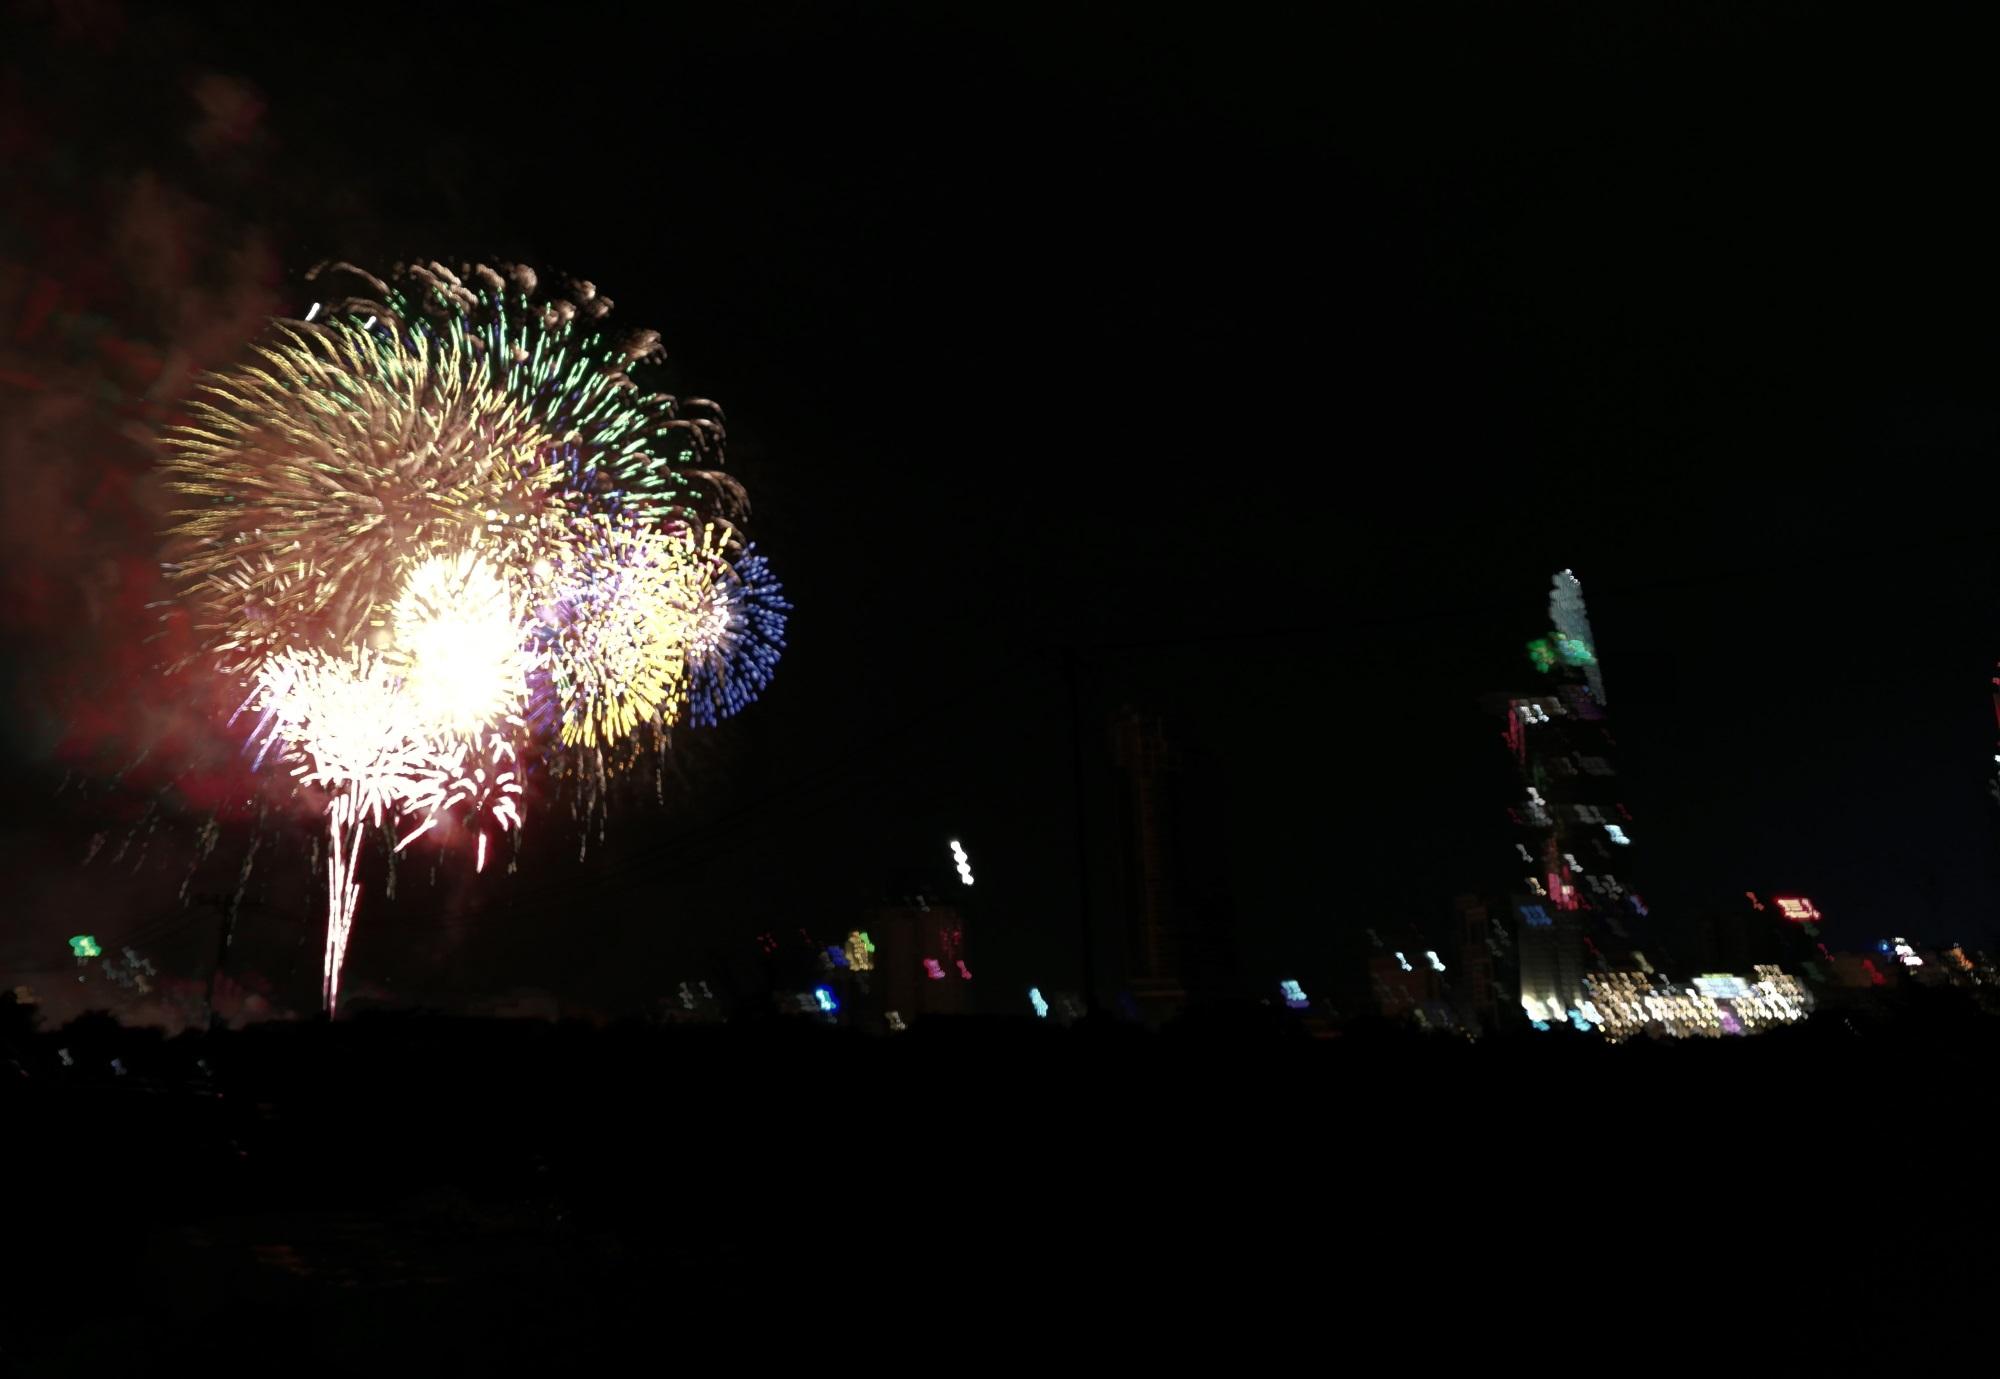 Hàng triệu người dân Sài Gòn xuống phố đón màn pháo hoa rực rỡ mừng năm mới 2019 - Ảnh 2